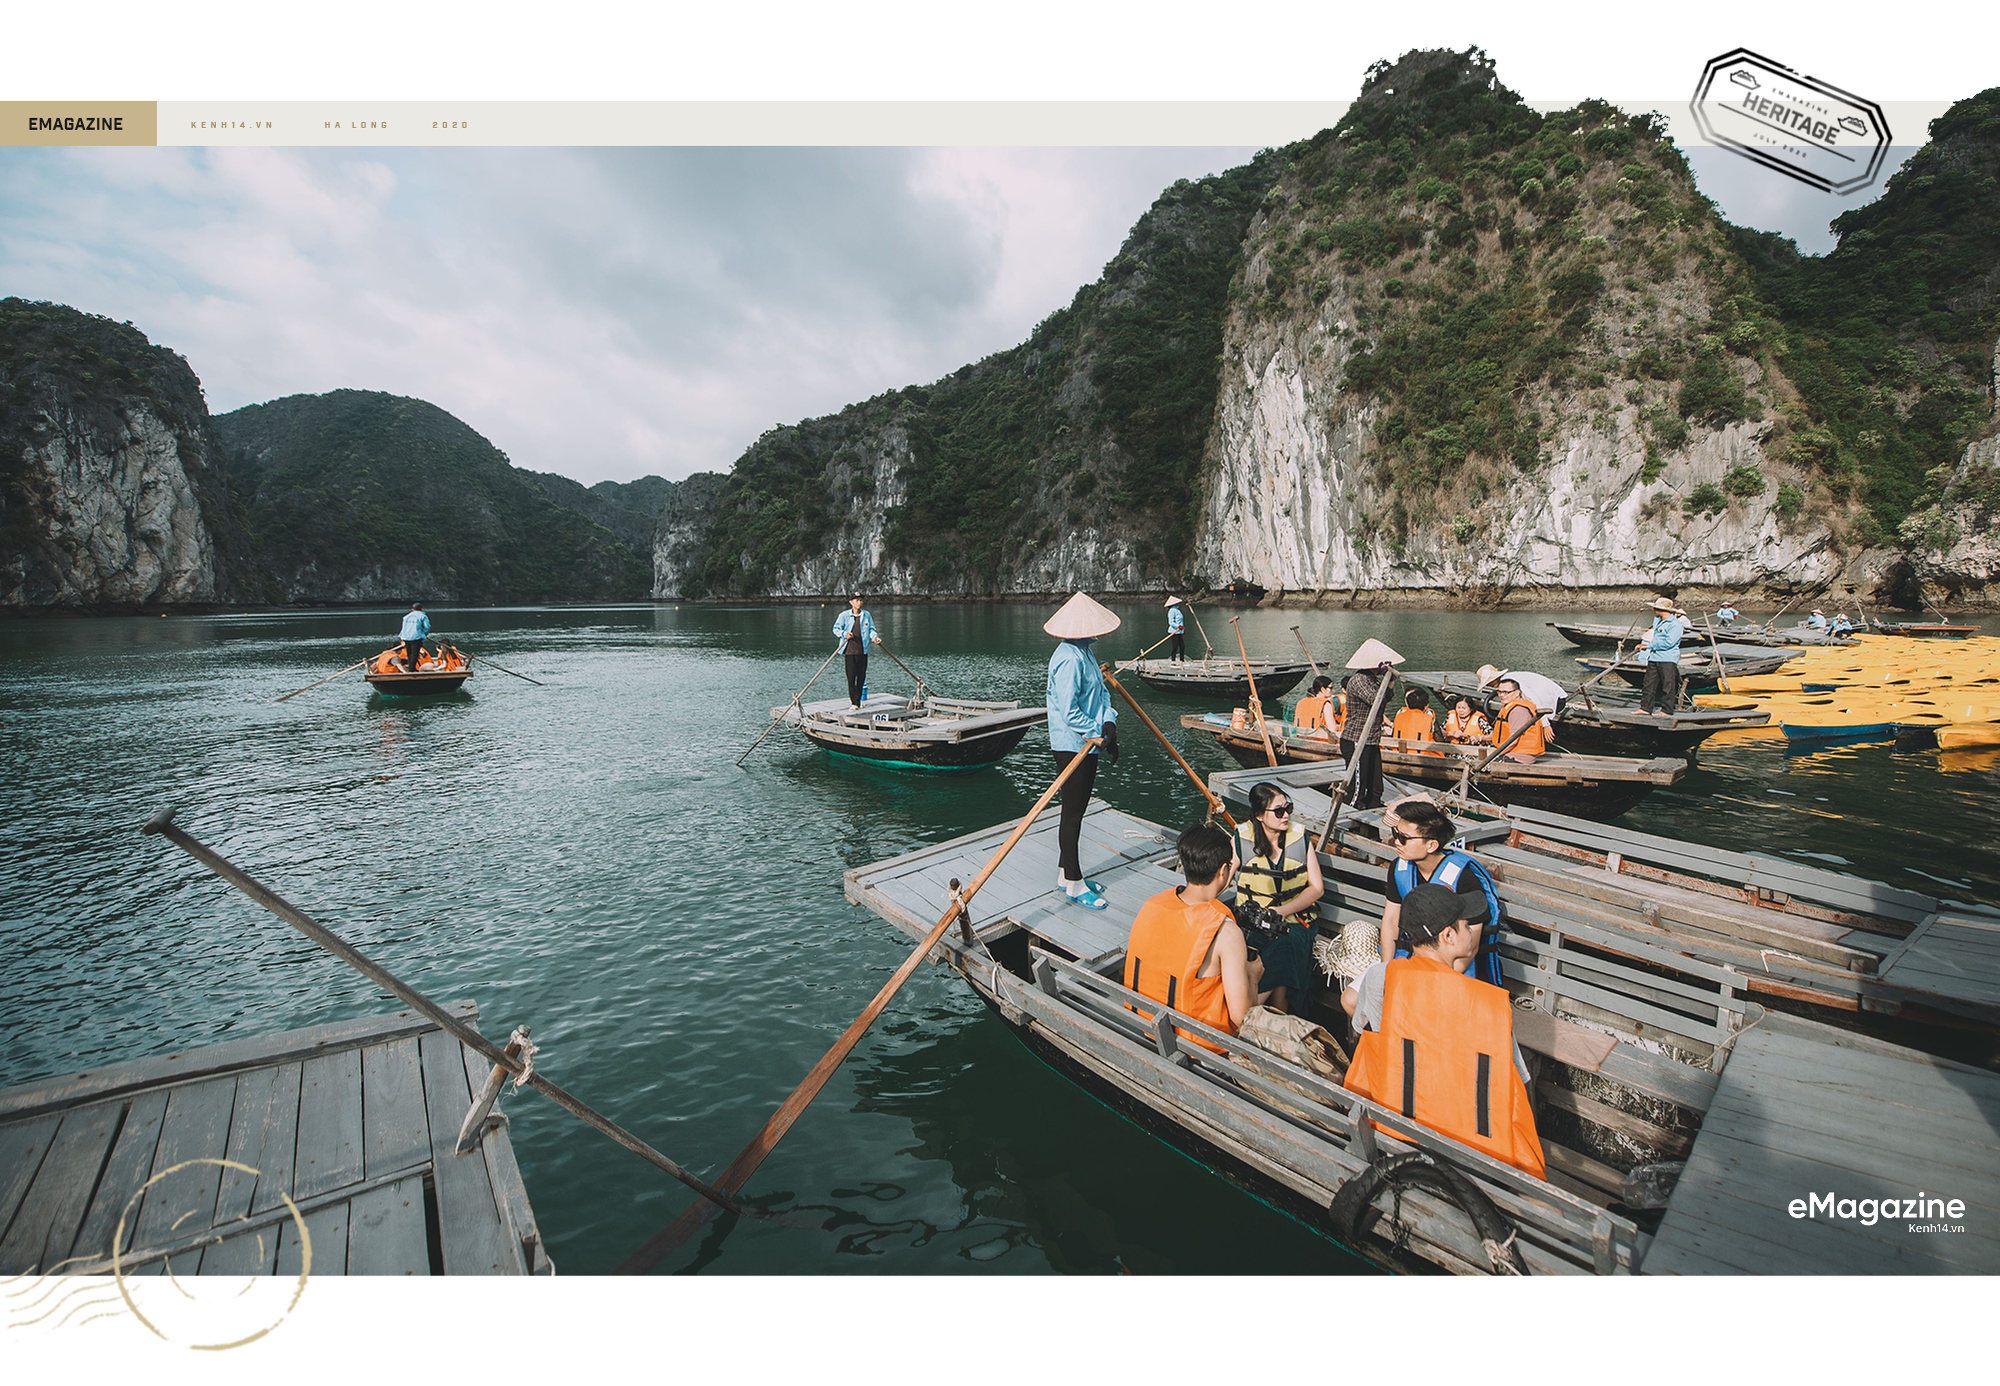 Trải nghiệm vịnh Lan Hạ đẹp như thơ trên du thuyền 5 sao để nhận ra: Đi du lịch ở Việt Nam có thể đẳng cấp chẳng kém chỗ nào! - Ảnh 22.